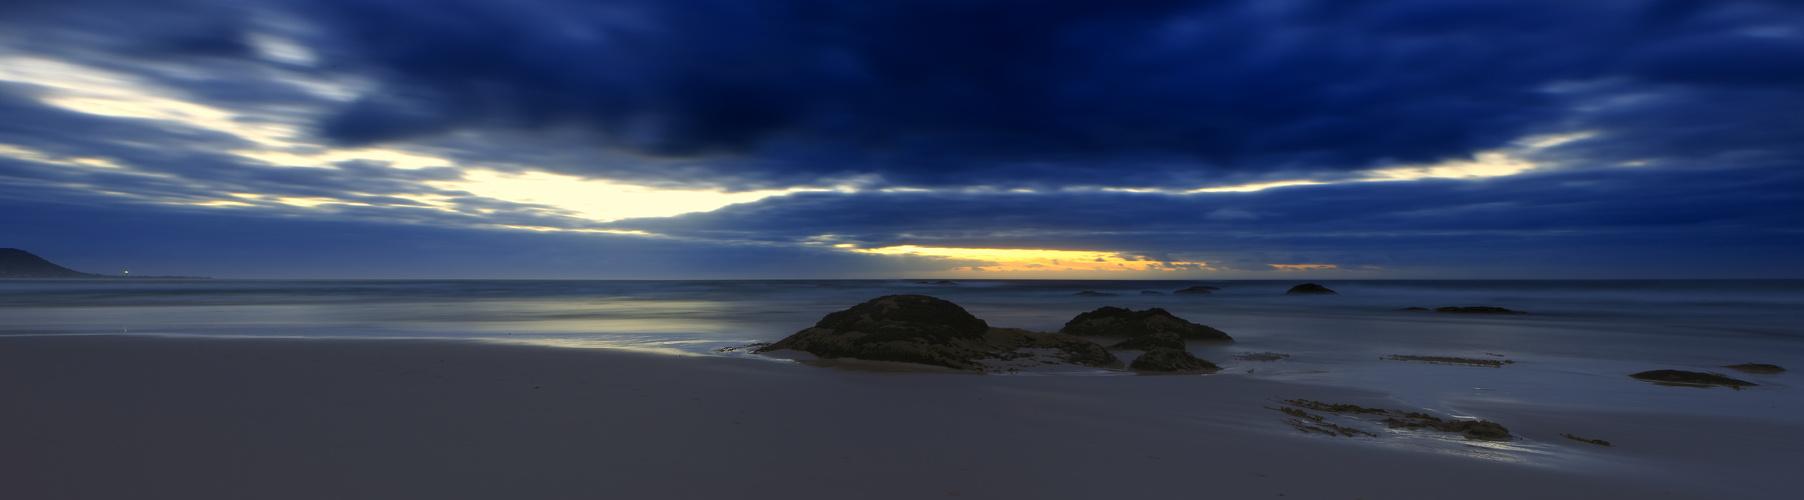 ---- Blue hour ----